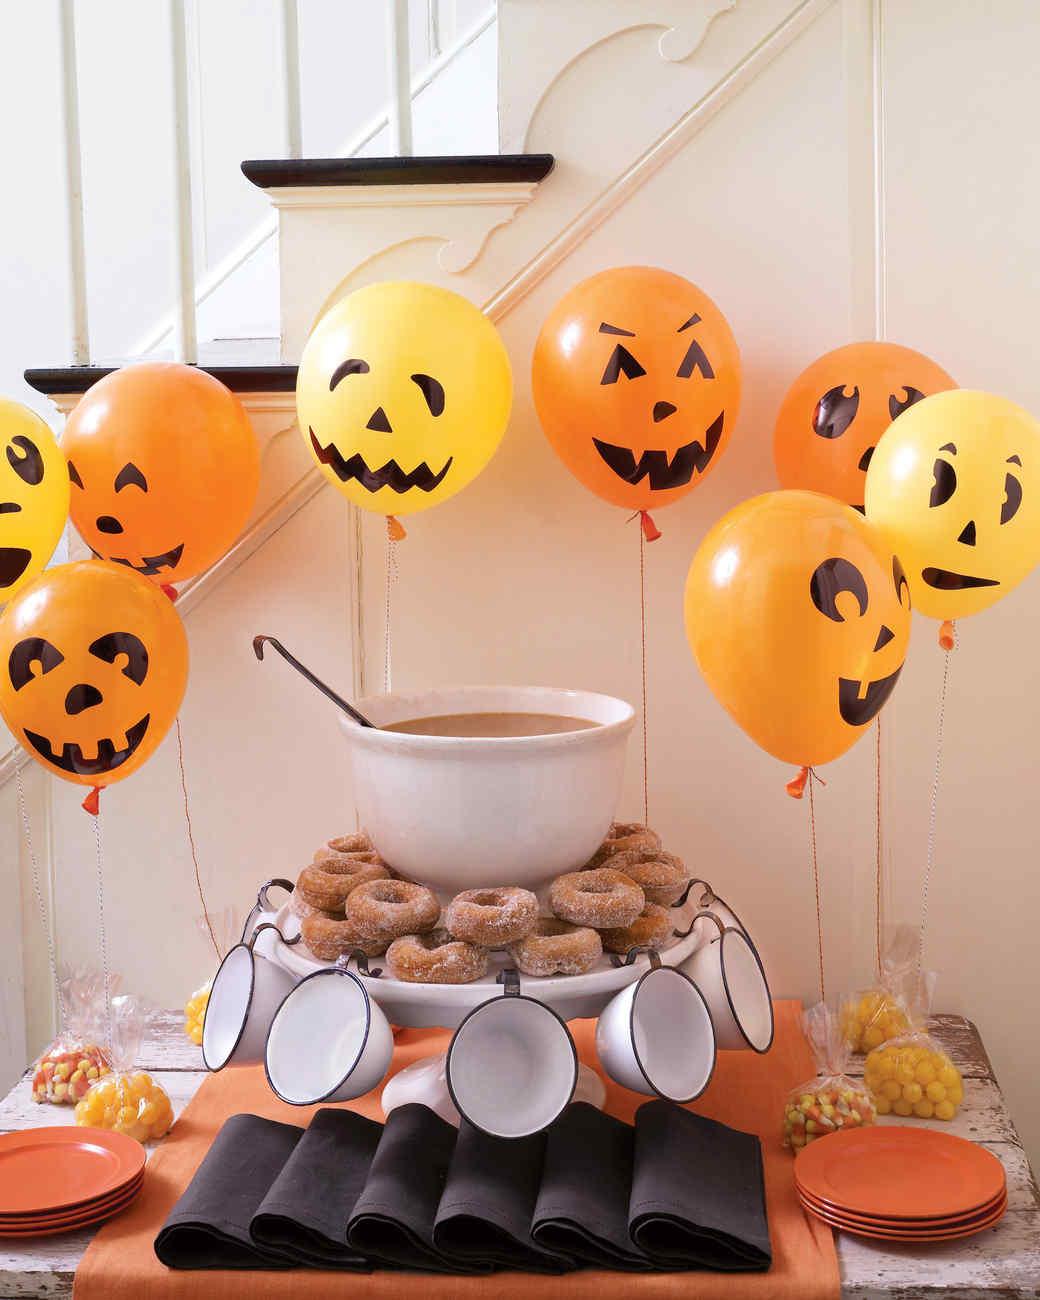 msd104470_hal09_pumpkinfaces.jpg